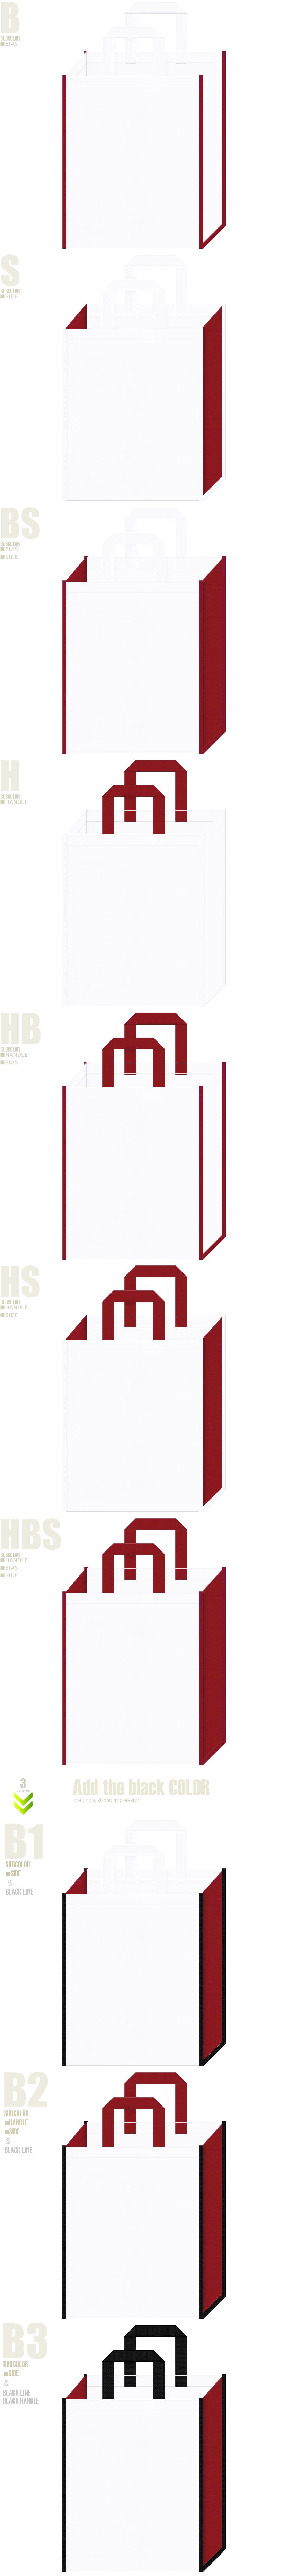 展示会用バッグ・スポーツイベント・着物・帯・和風催事・献血・病院・医療機器・救急用品・学校・学園・オープンキャンパスにお奨めの不織布バッグデザイン:白色とエンジ色のコーデ10パターン